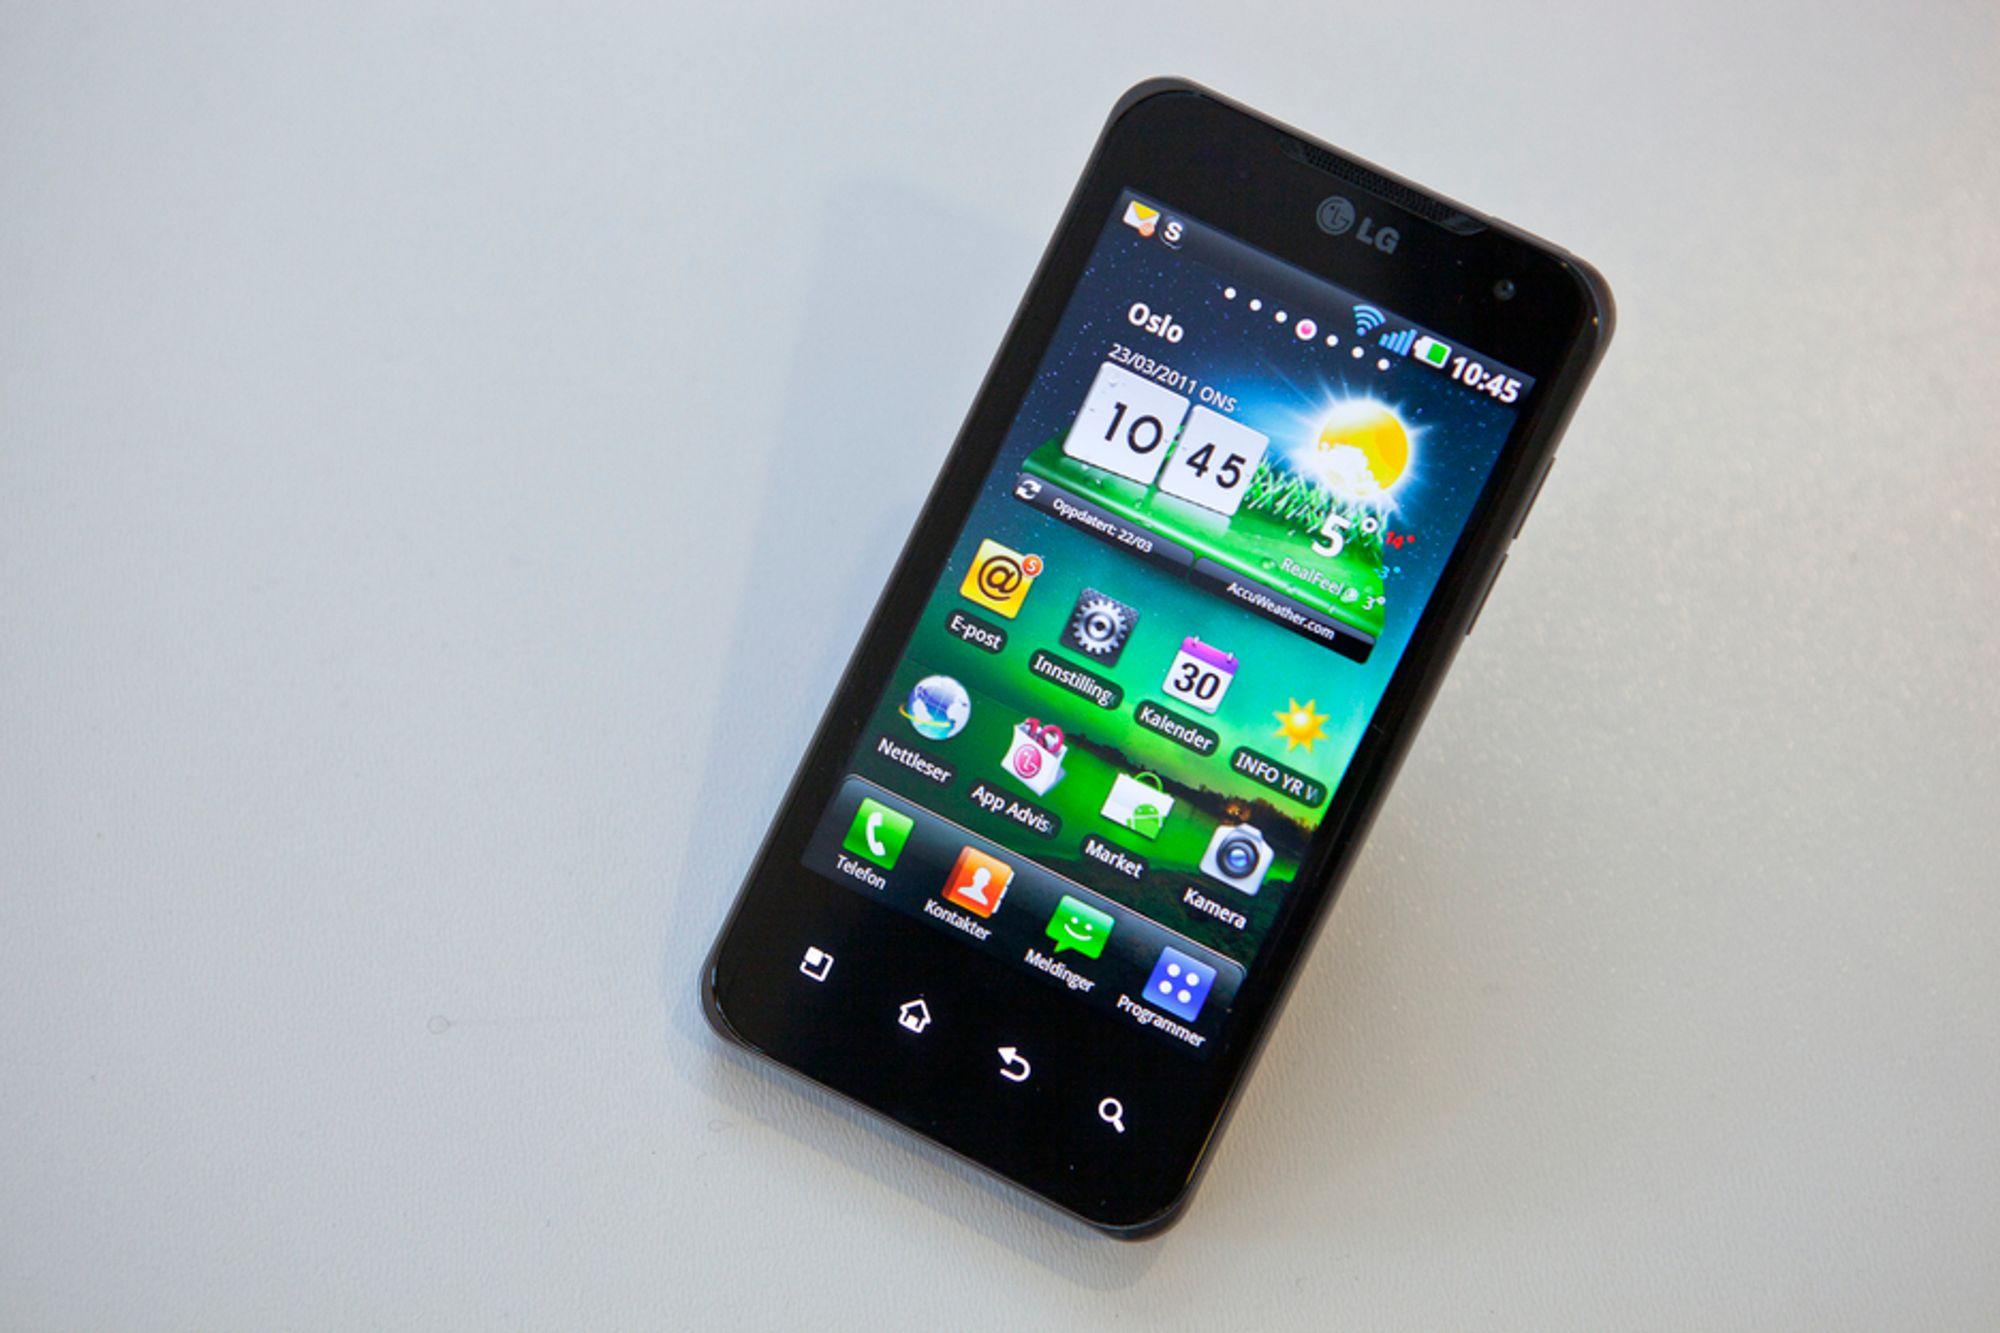 LGs Optimus X2 bruker en Tegra2-prosessor fra Nvidia. Det gjør den til den første dobbeltkjernemobilen.